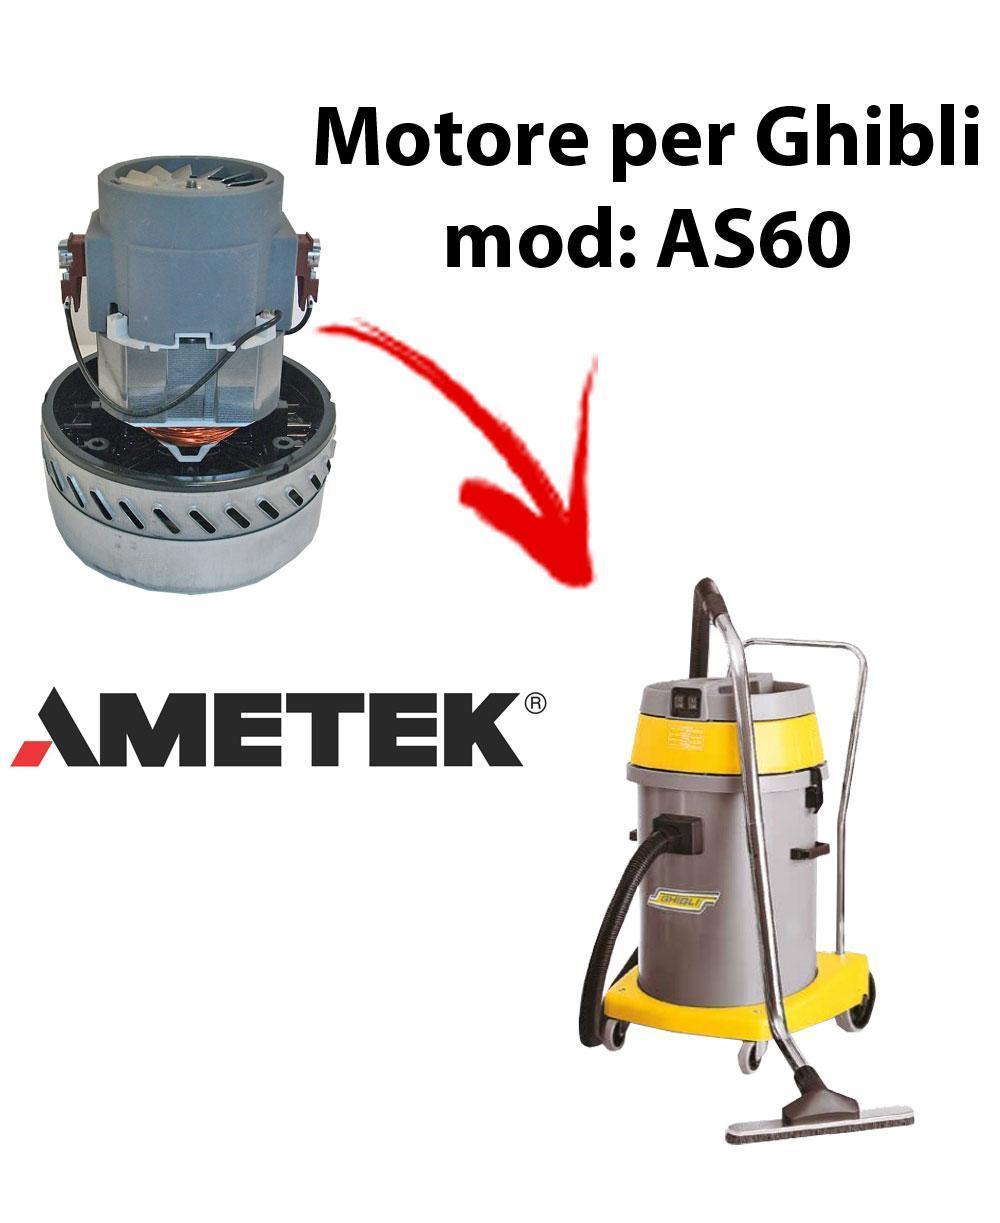 AS60 Saugmotor AMETEK für Staubsauger und Trockensauger GHIBLI